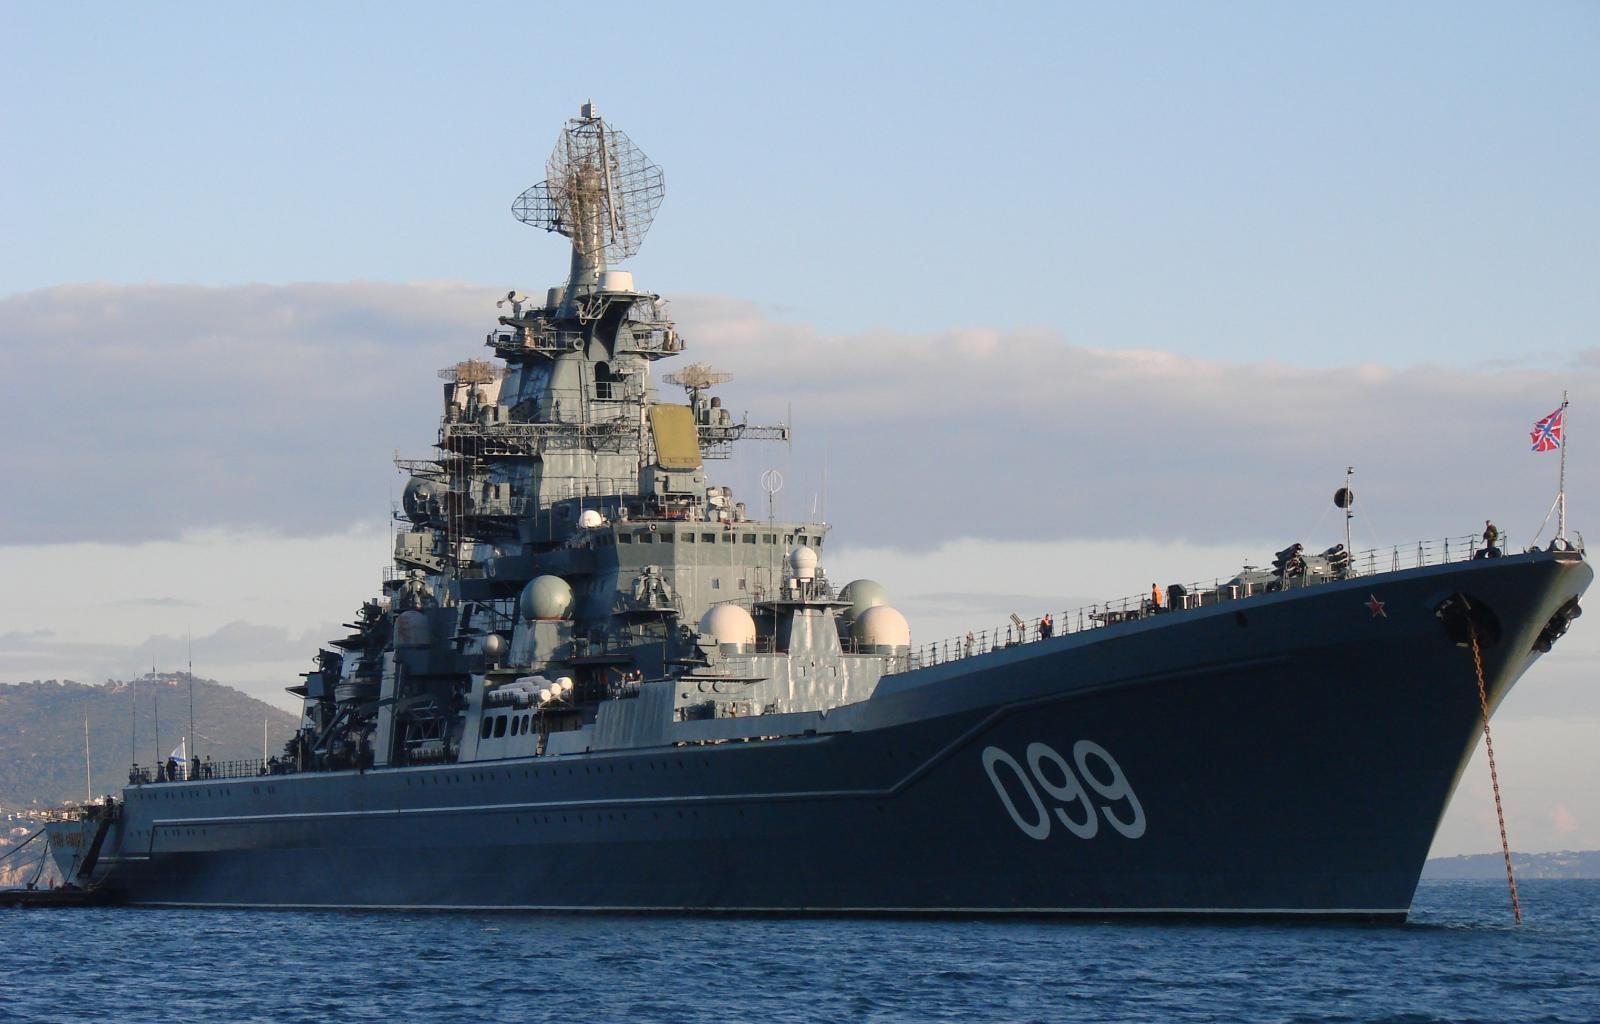 ロシア海軍の重原子力ロケット巡洋艦ピョートル・ヴェリキーは地中海を ...